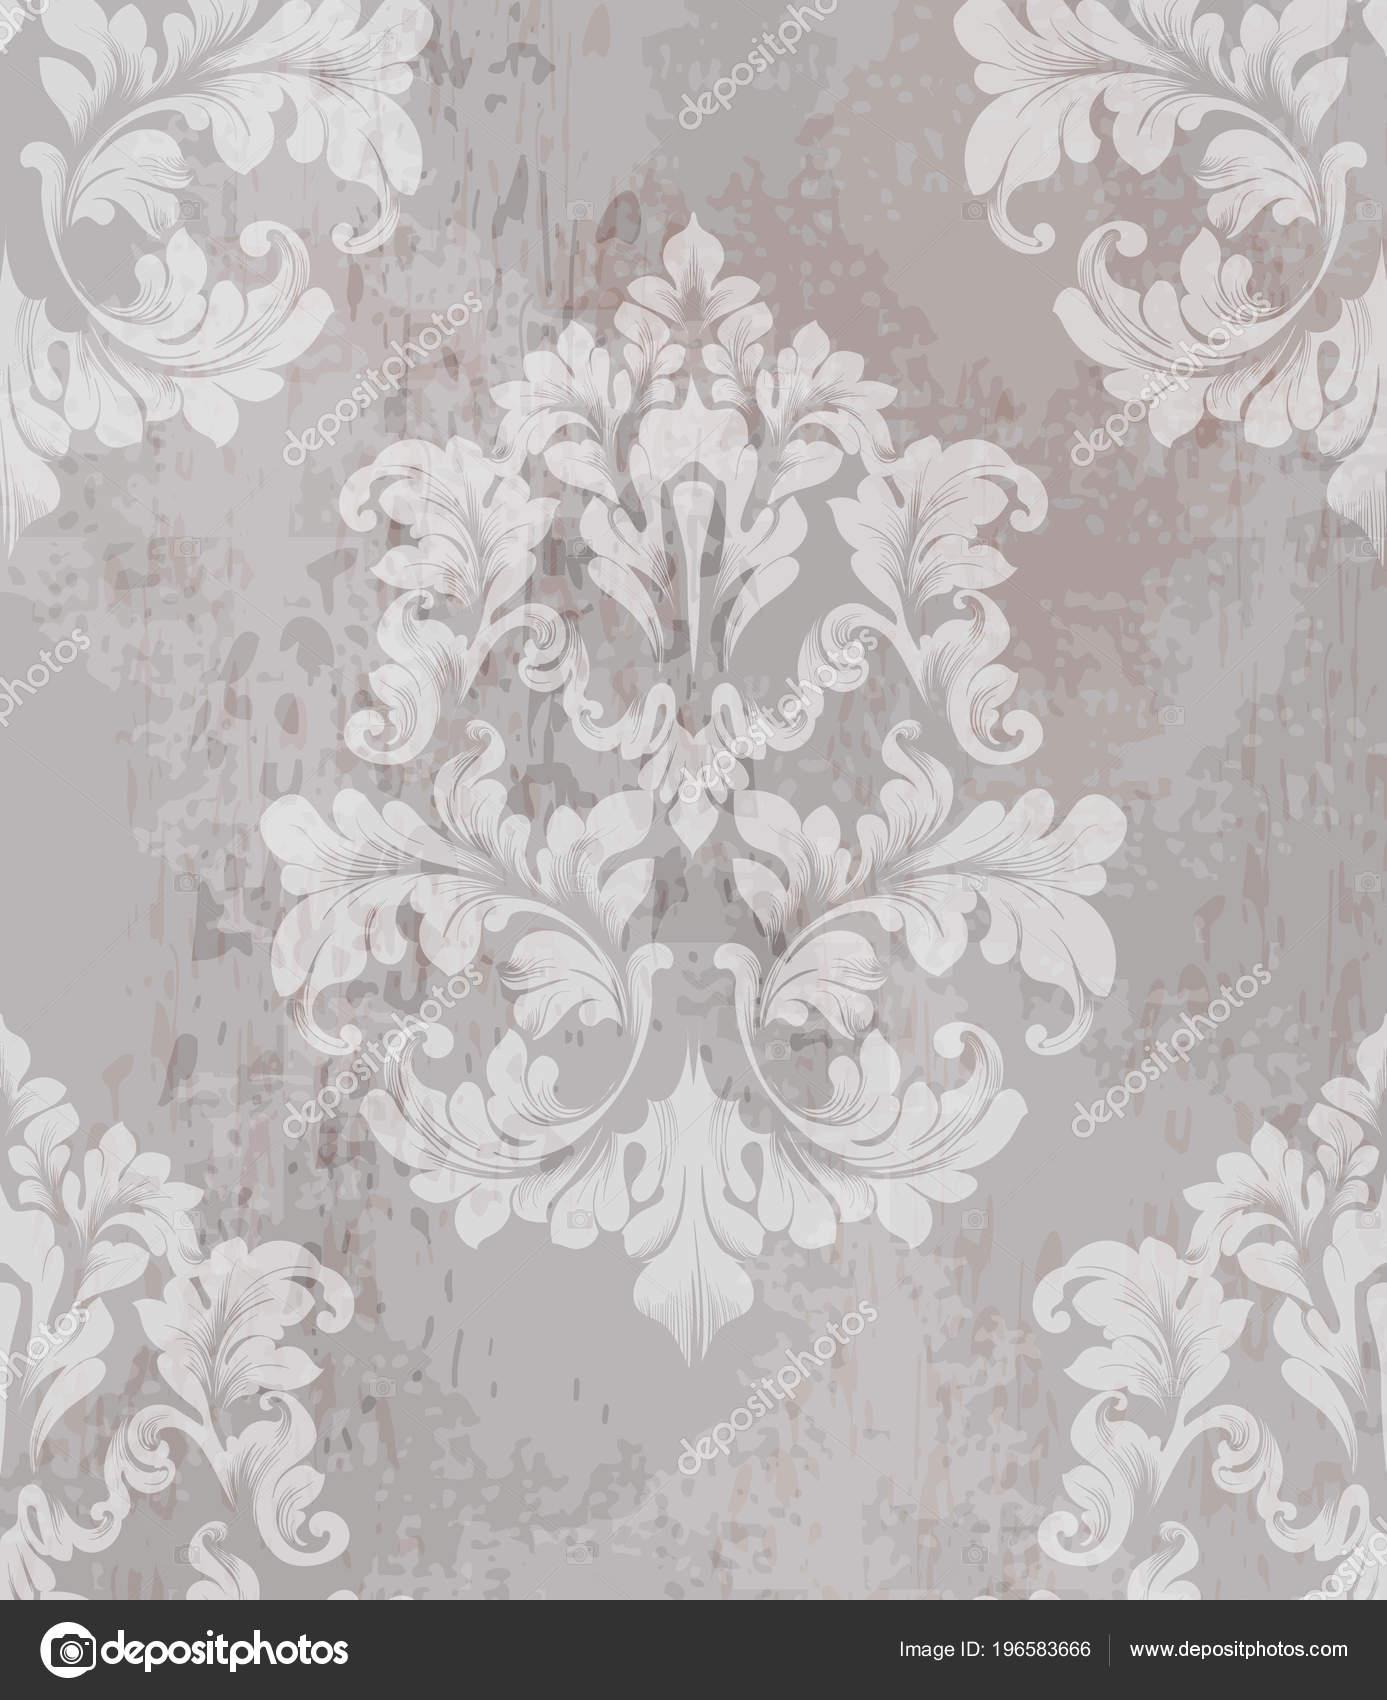 Vintage Alte Papierstruktur Vektor. Luxus Barock Muster Tapete Ornament  Dekor. Textilien, Stoff, Fliesen. Nude Farbe U2014 Vektor Von Inagraur.ymail.com